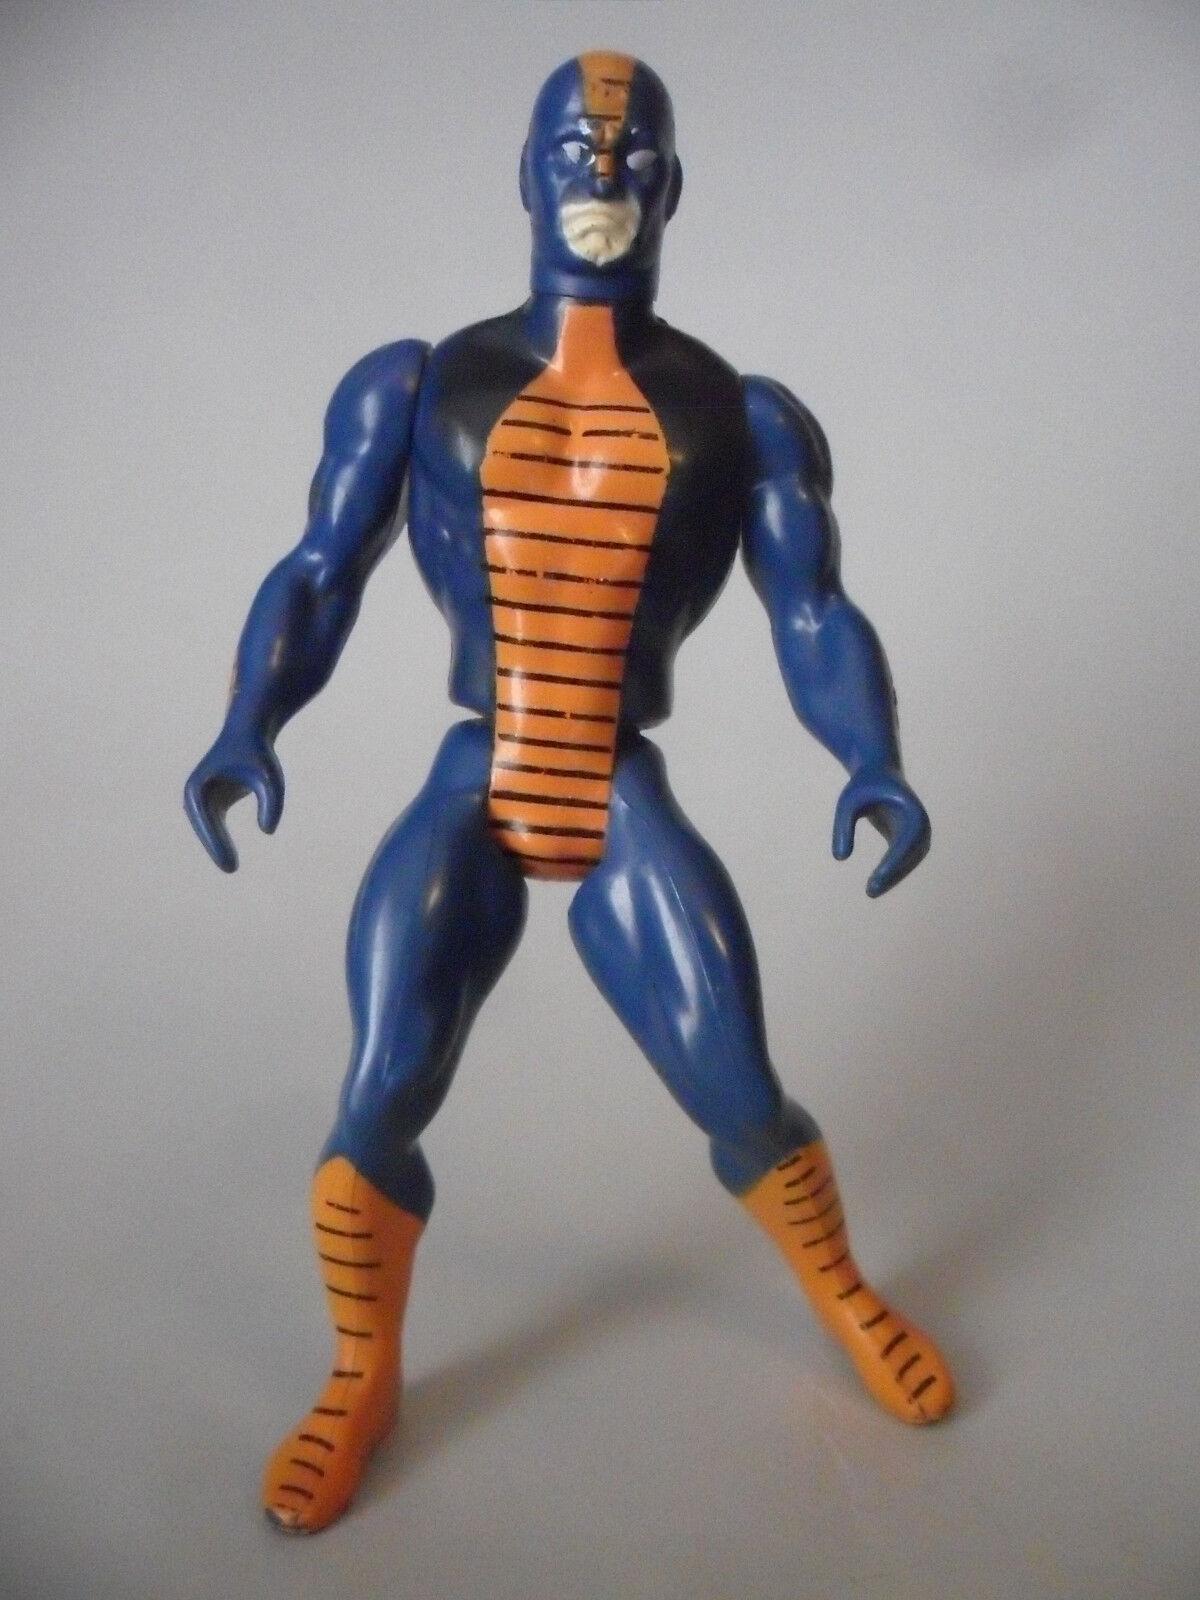 Marvel geheime kriege constrictor abbildung frankreich mattel - 1984